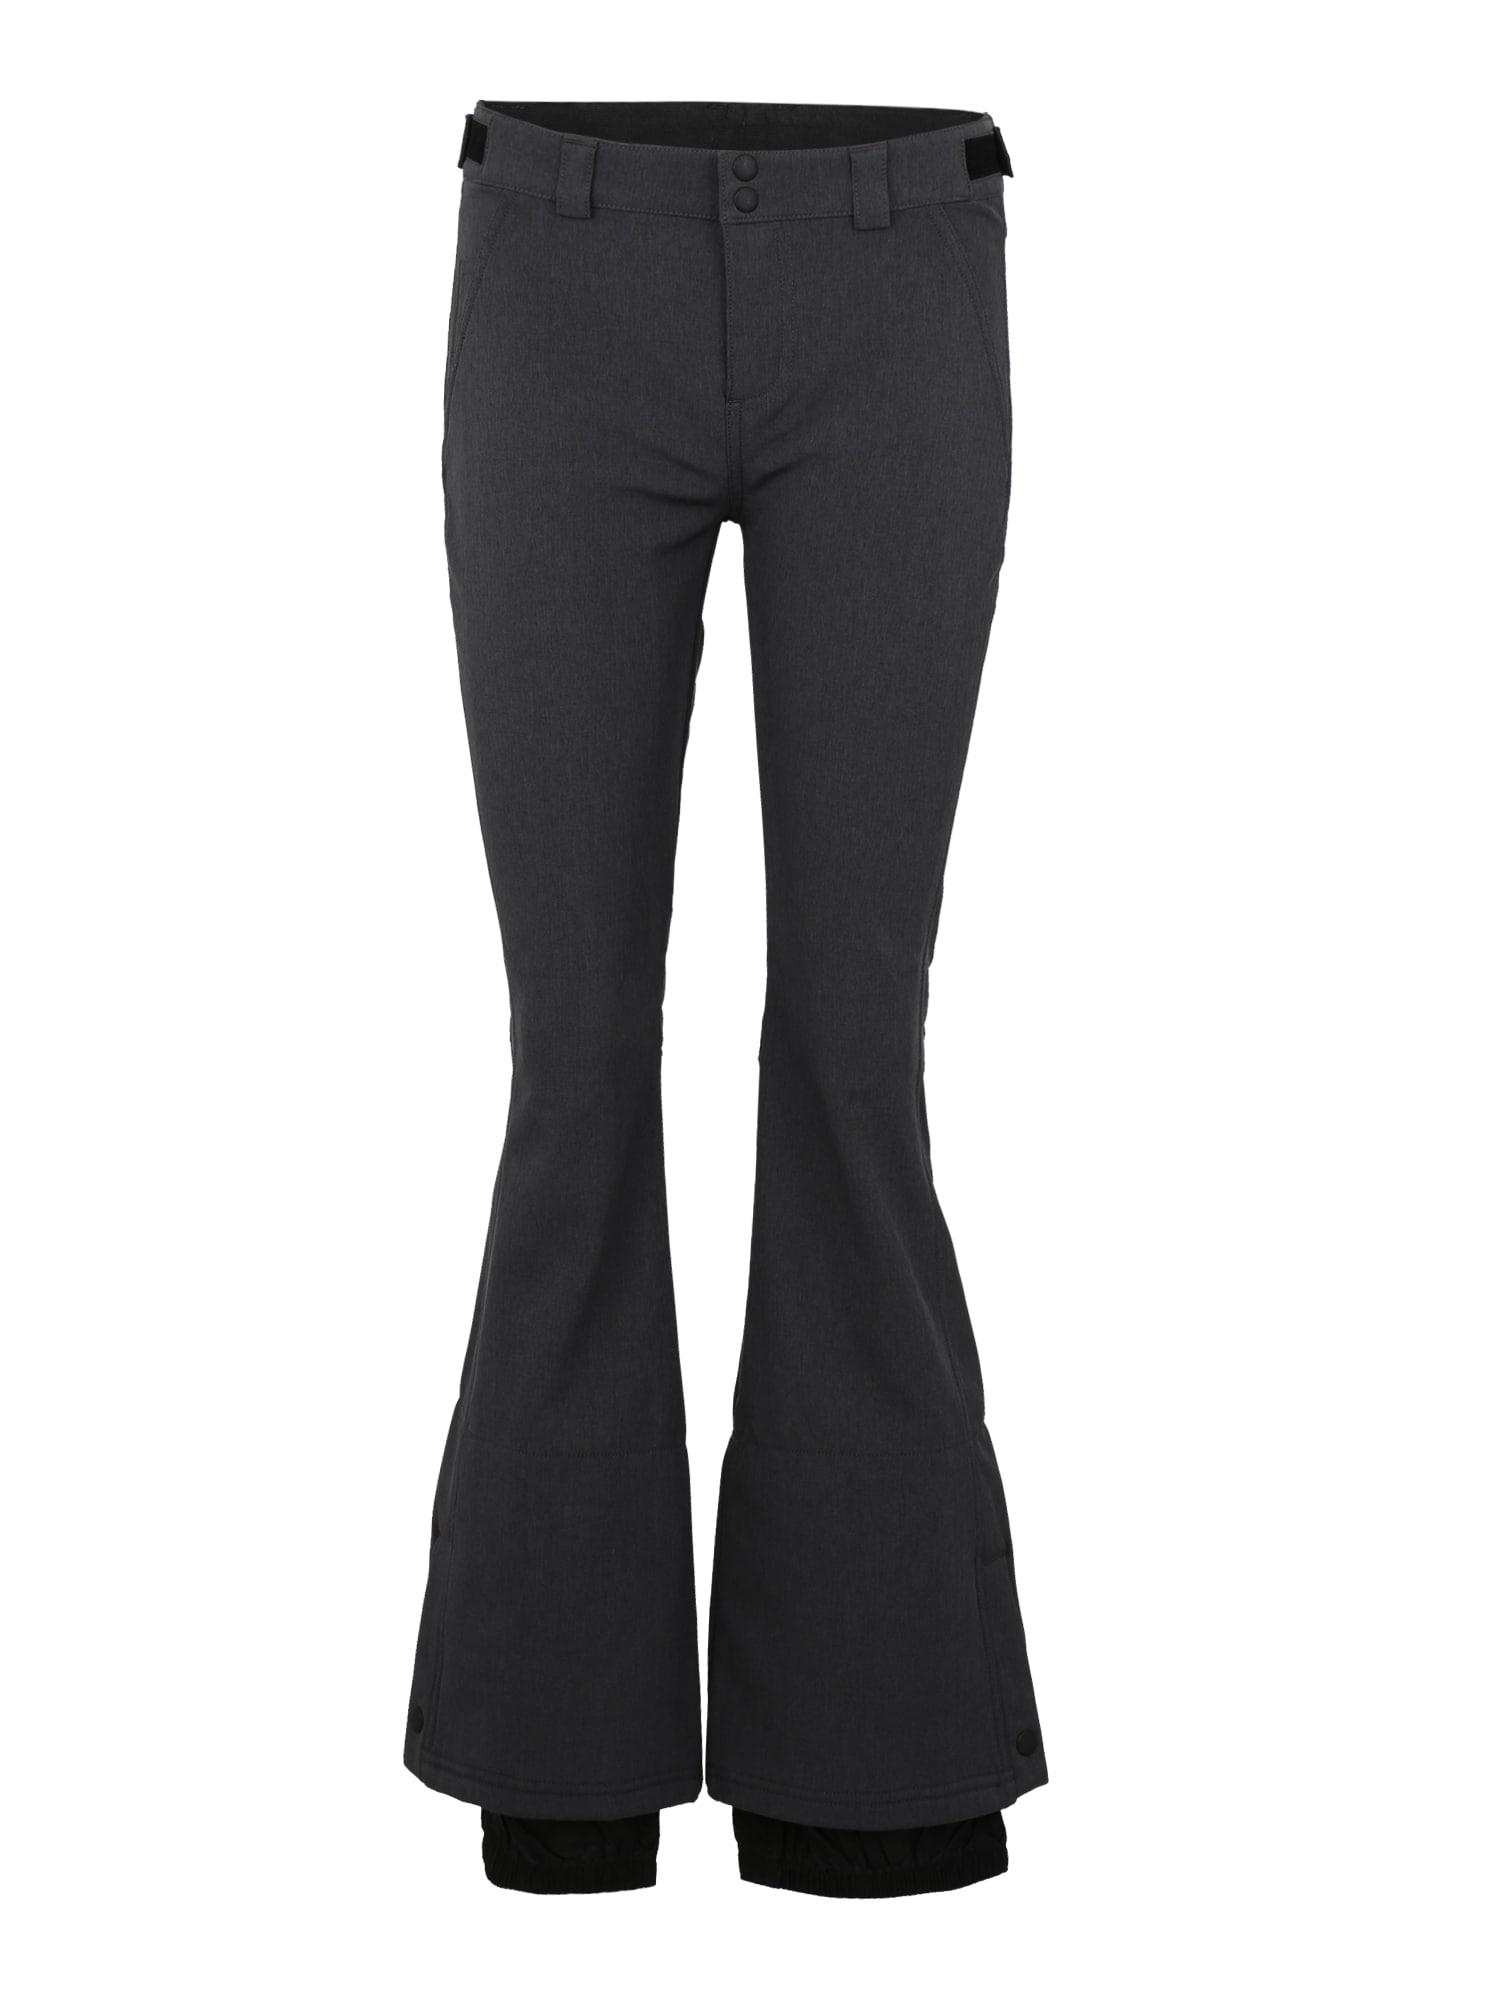 O'NEILL Sportinės kelnės 'Spell' tamsiai pilka